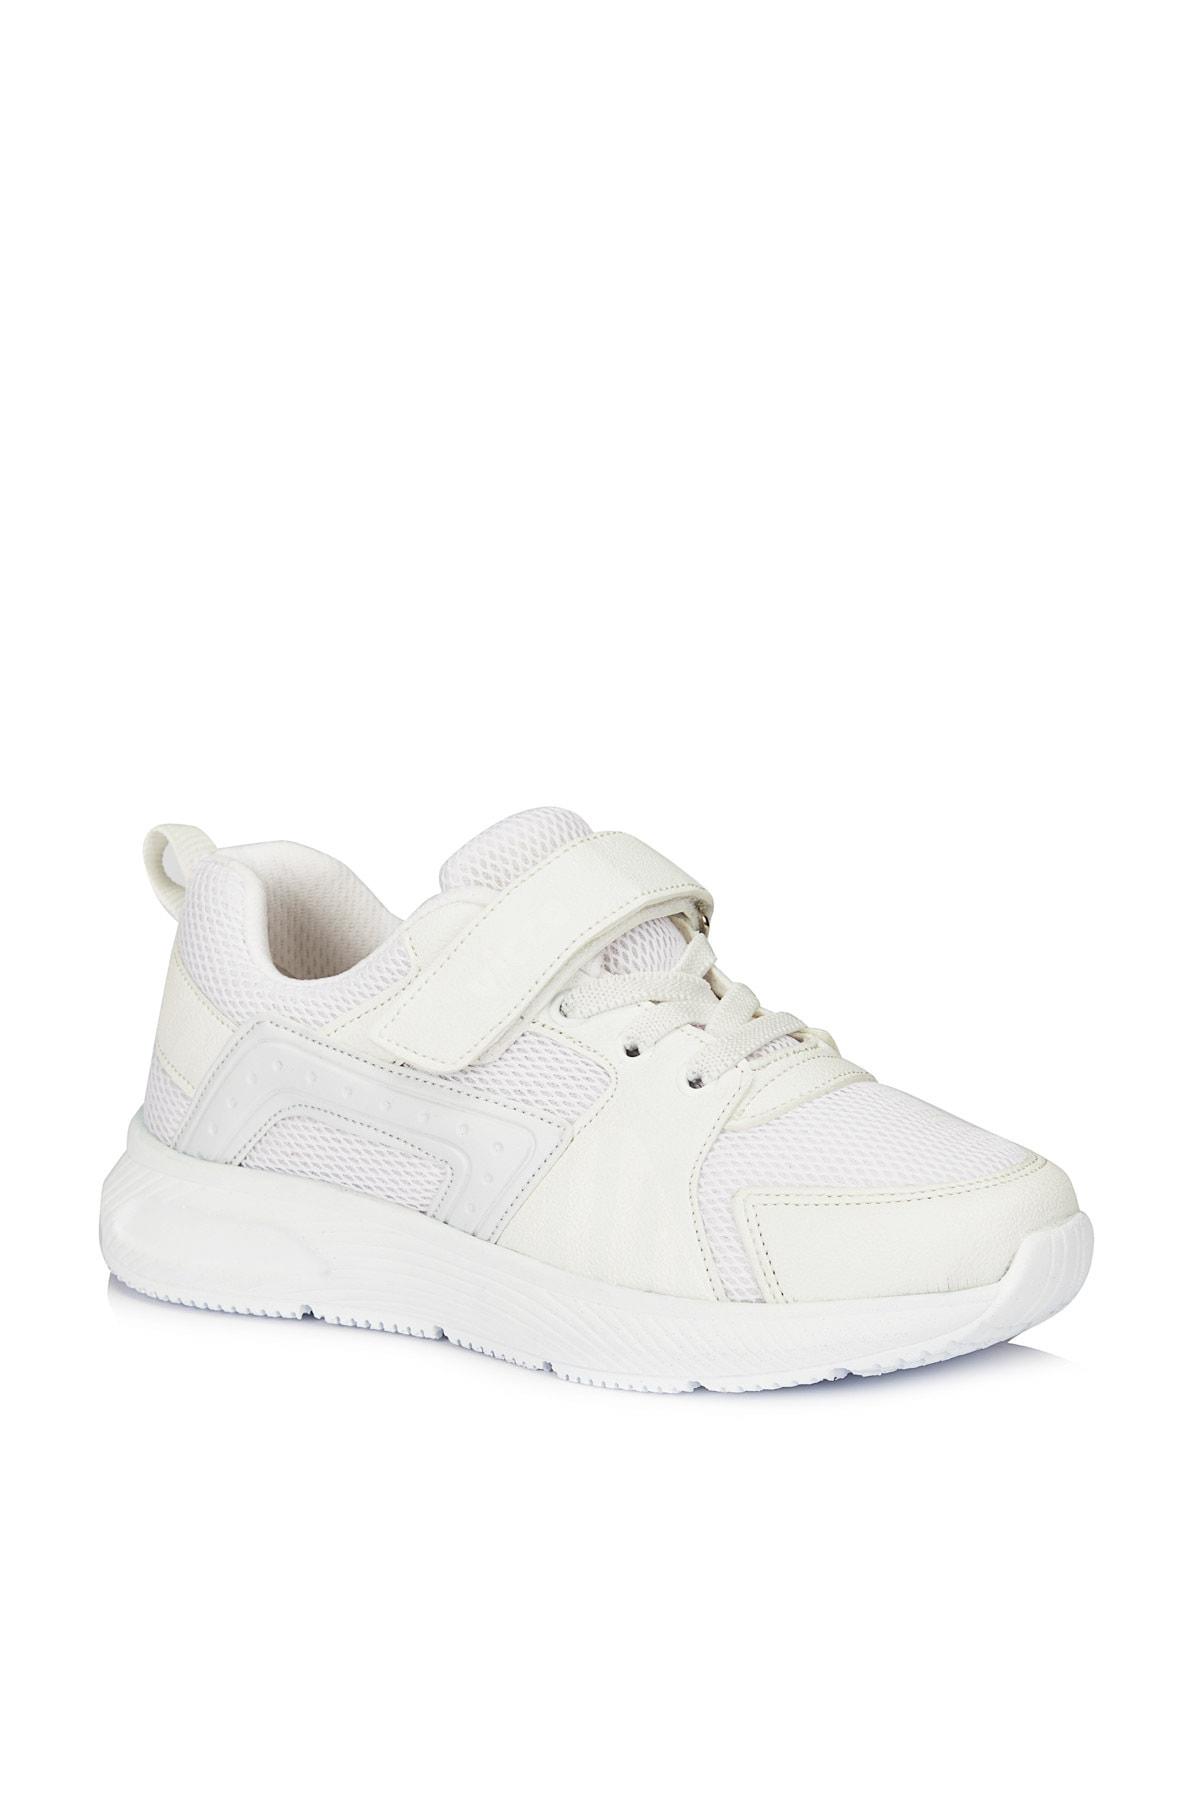 Weston Unisex Çocuk Beyaz Spor Ayakkabı